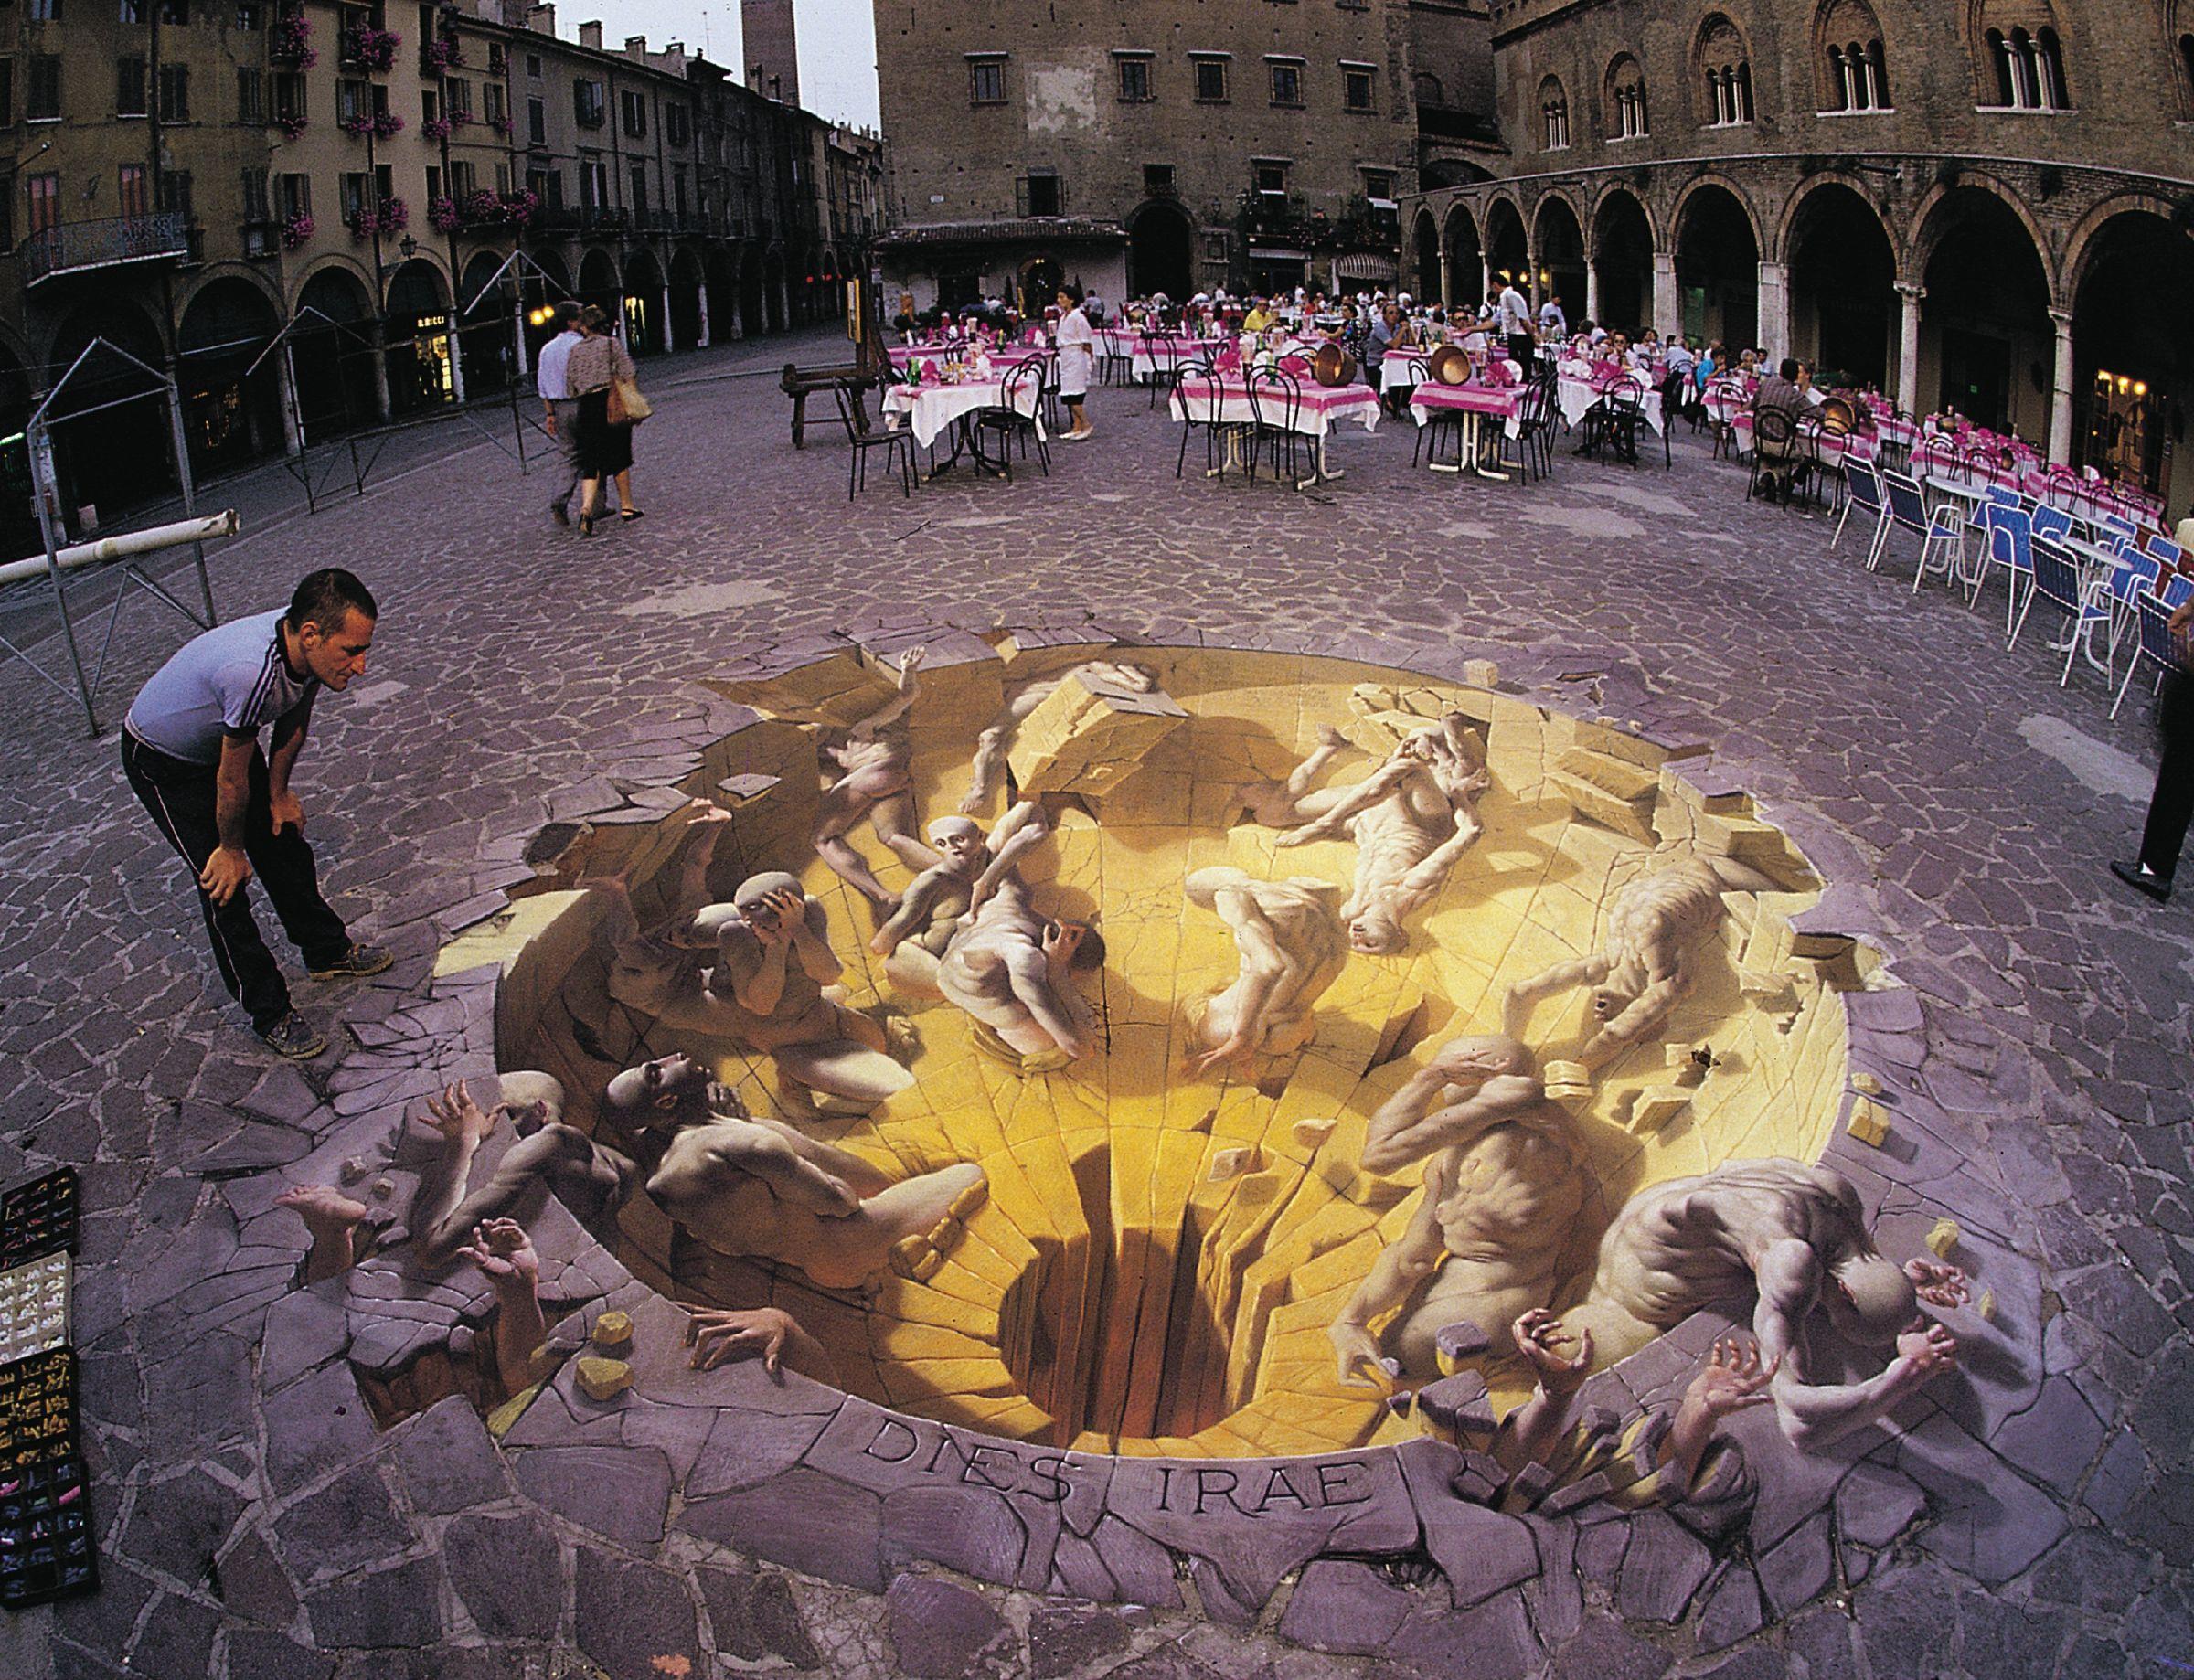 Kurt Wenner – 3D sidewalk art